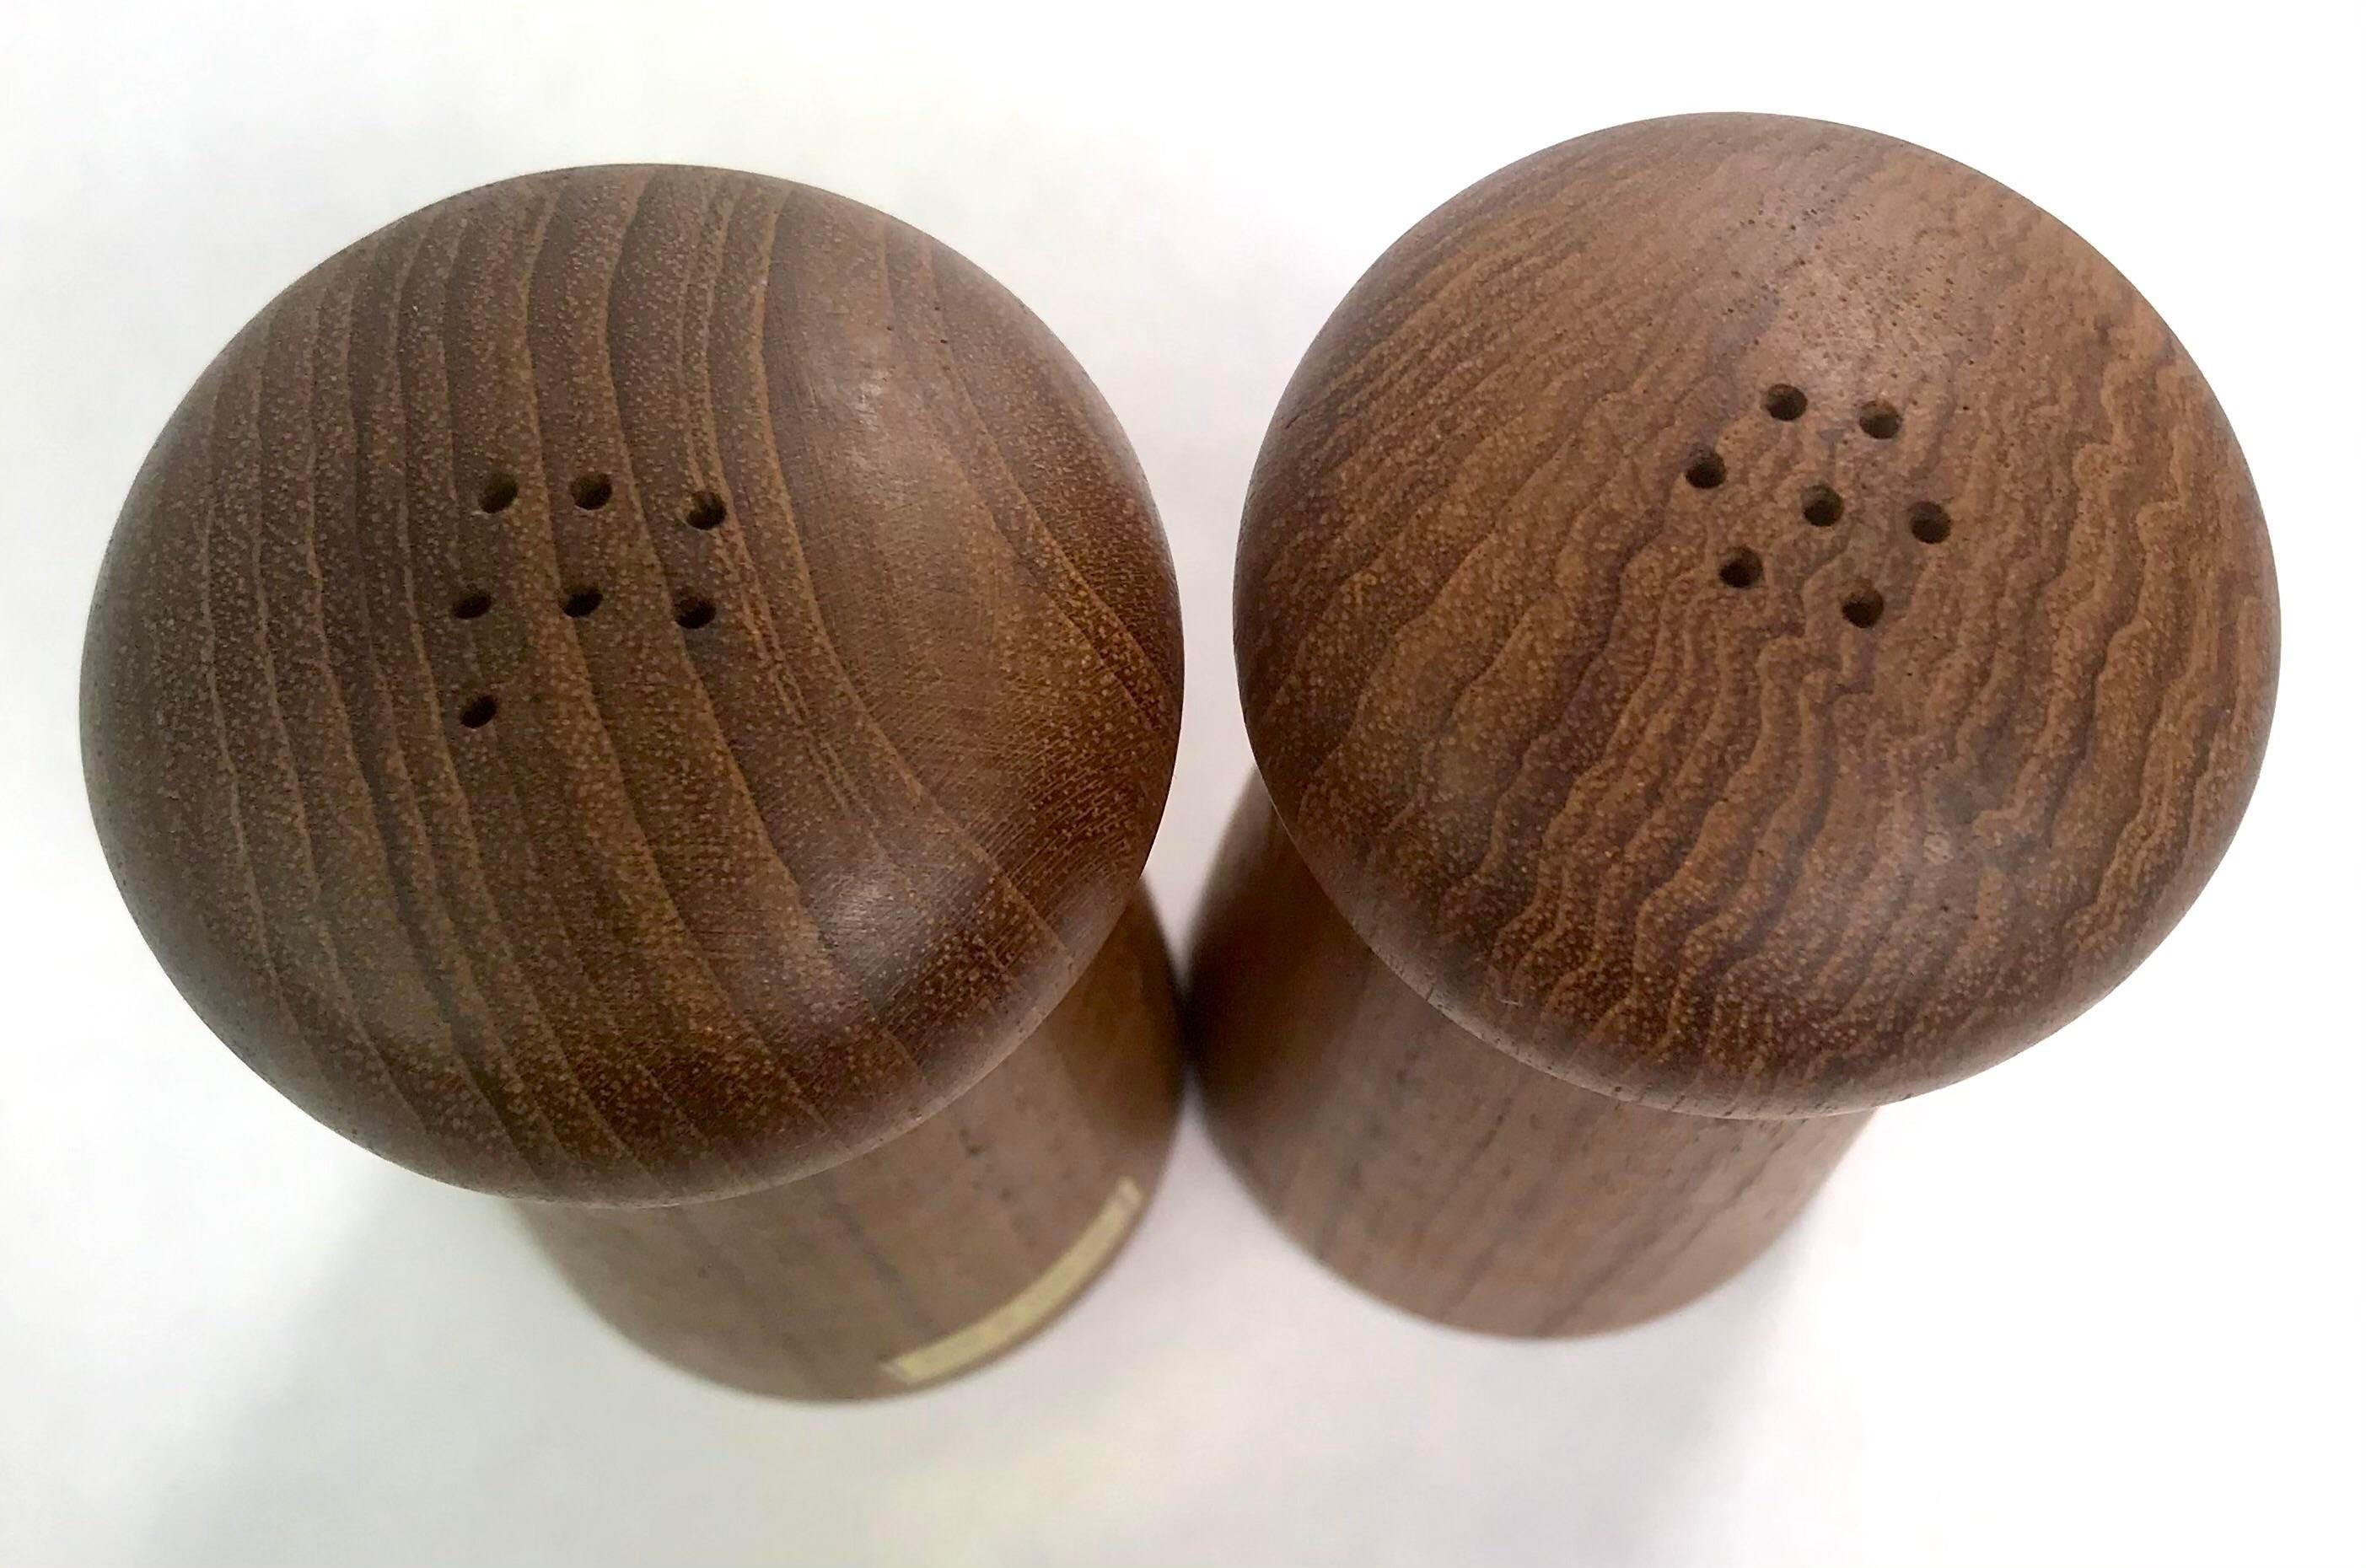 Mid Century Modern Teak Wood Mushroom Salt and Pepper Shakers